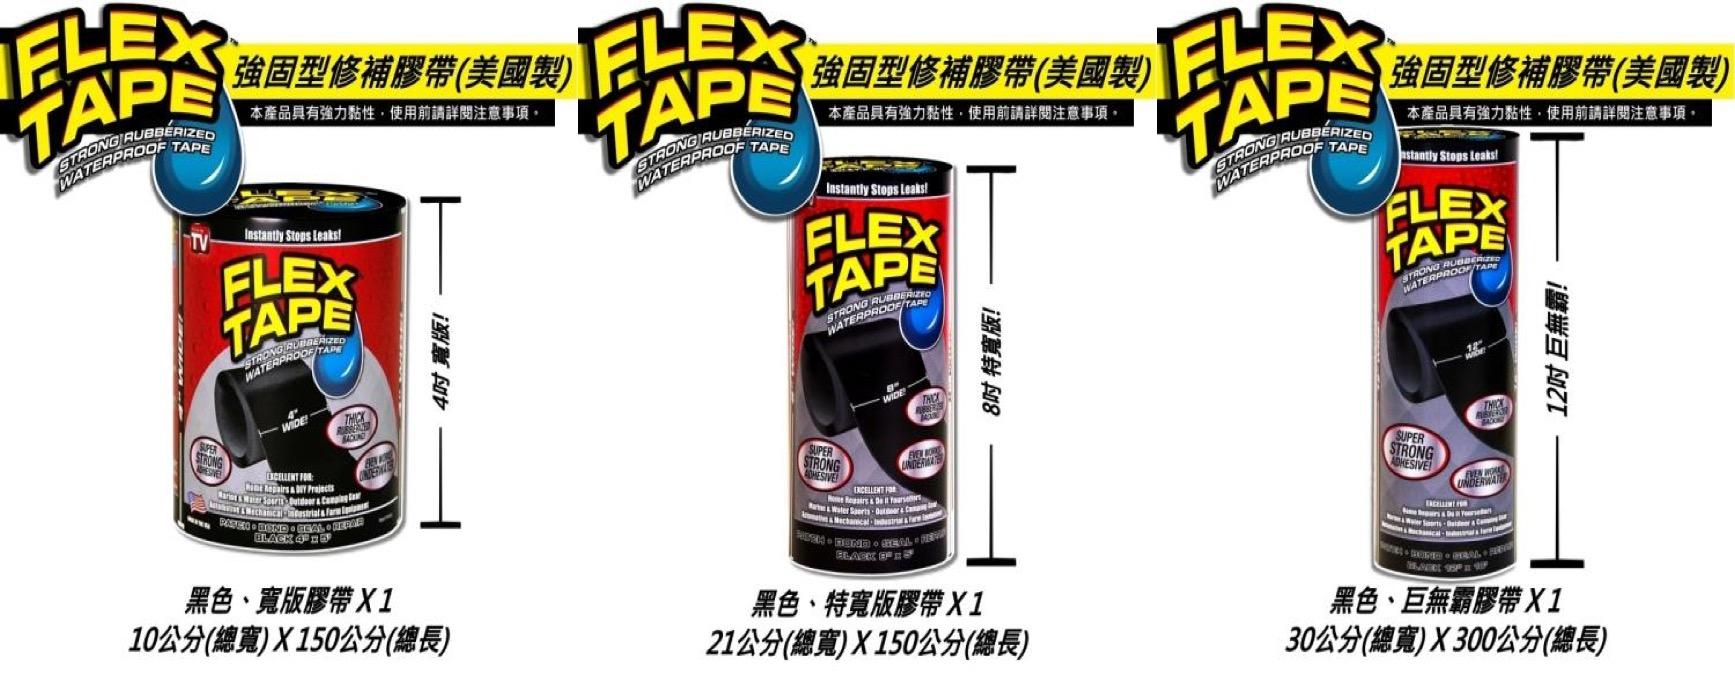 美國 FLEX TAPE 超強固修補膠帶13